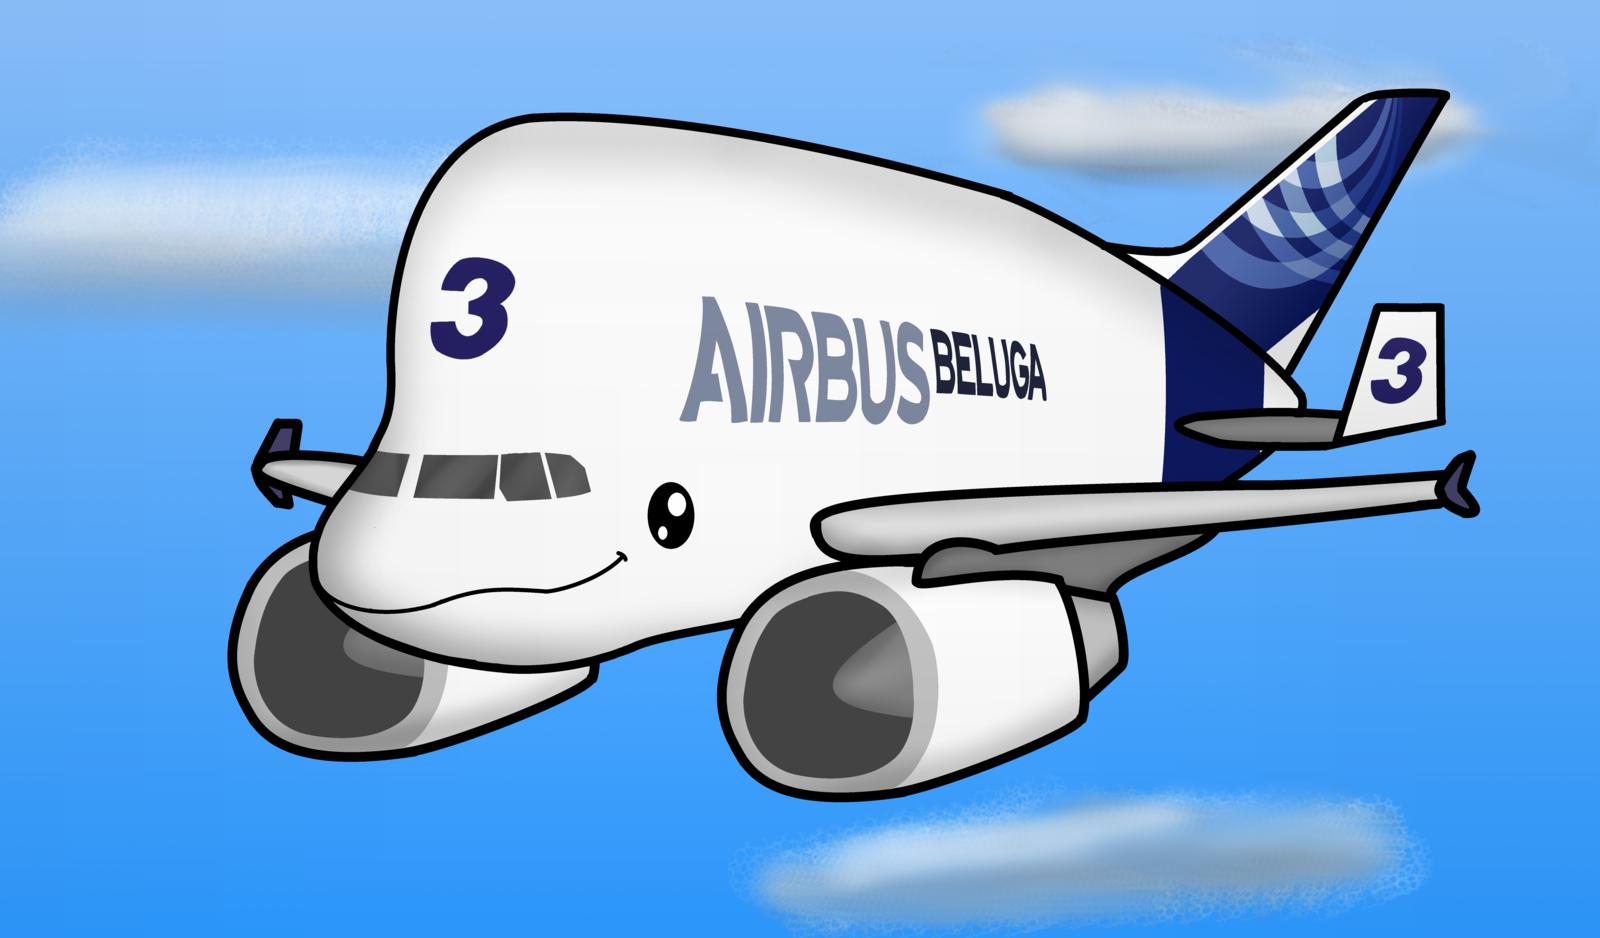 Drawn airplane chibi By WindyThePlaneh Beluga (A320TheAirliner's